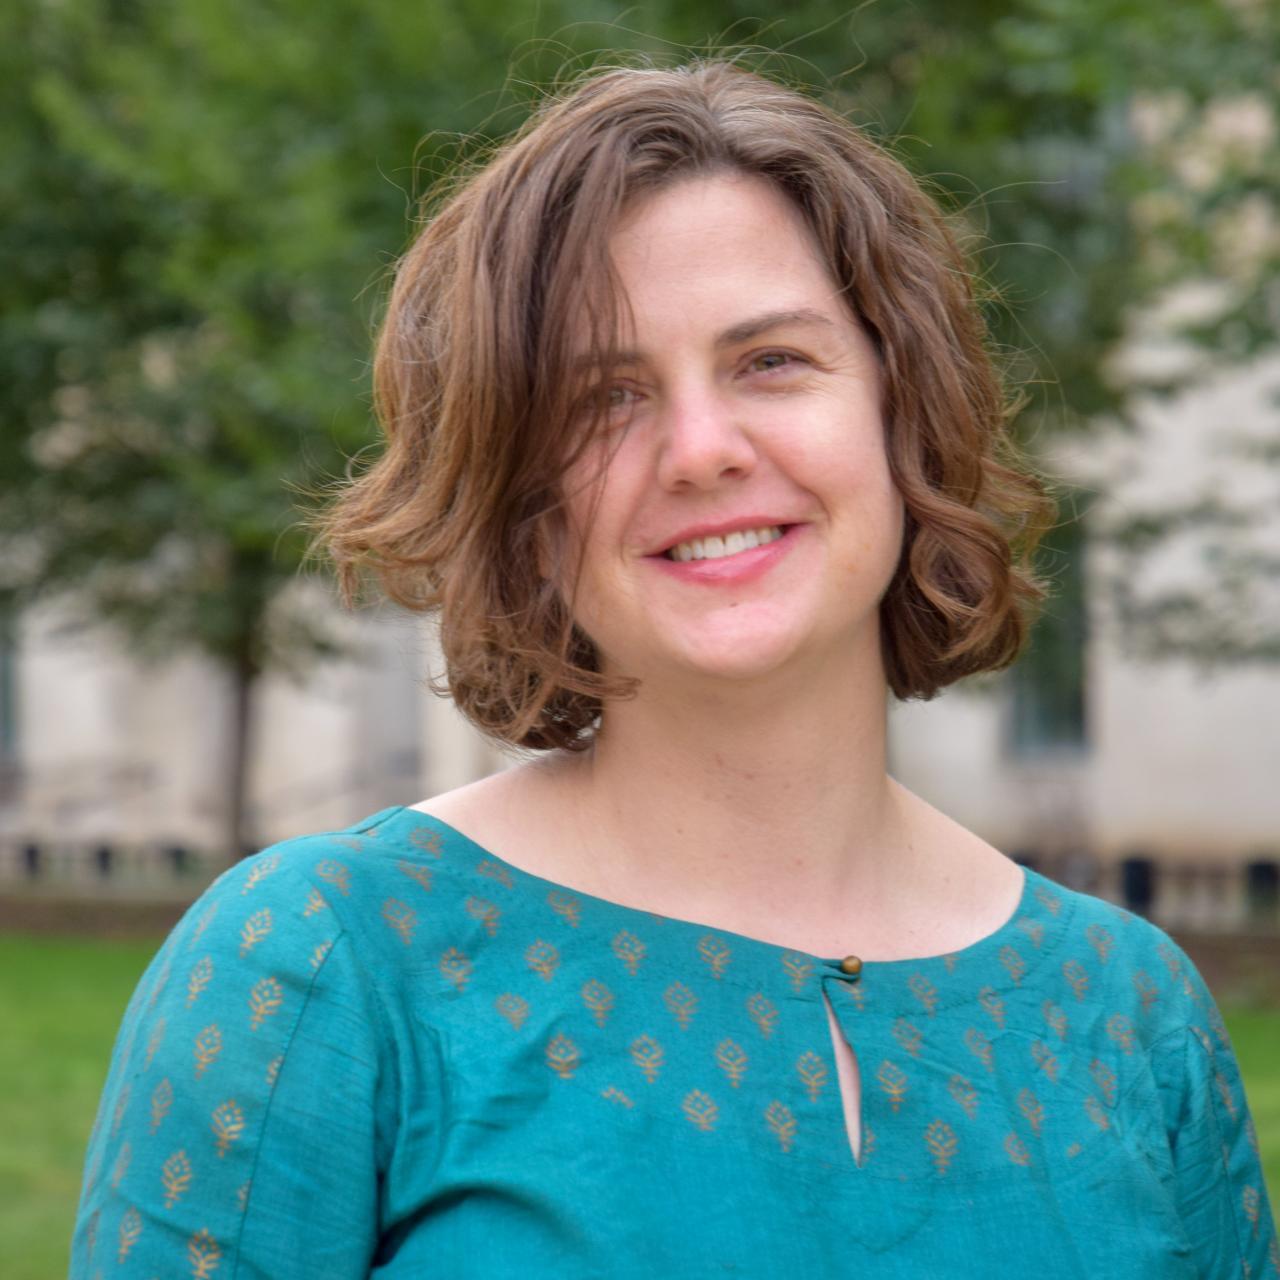 Nicole Denmark Photo